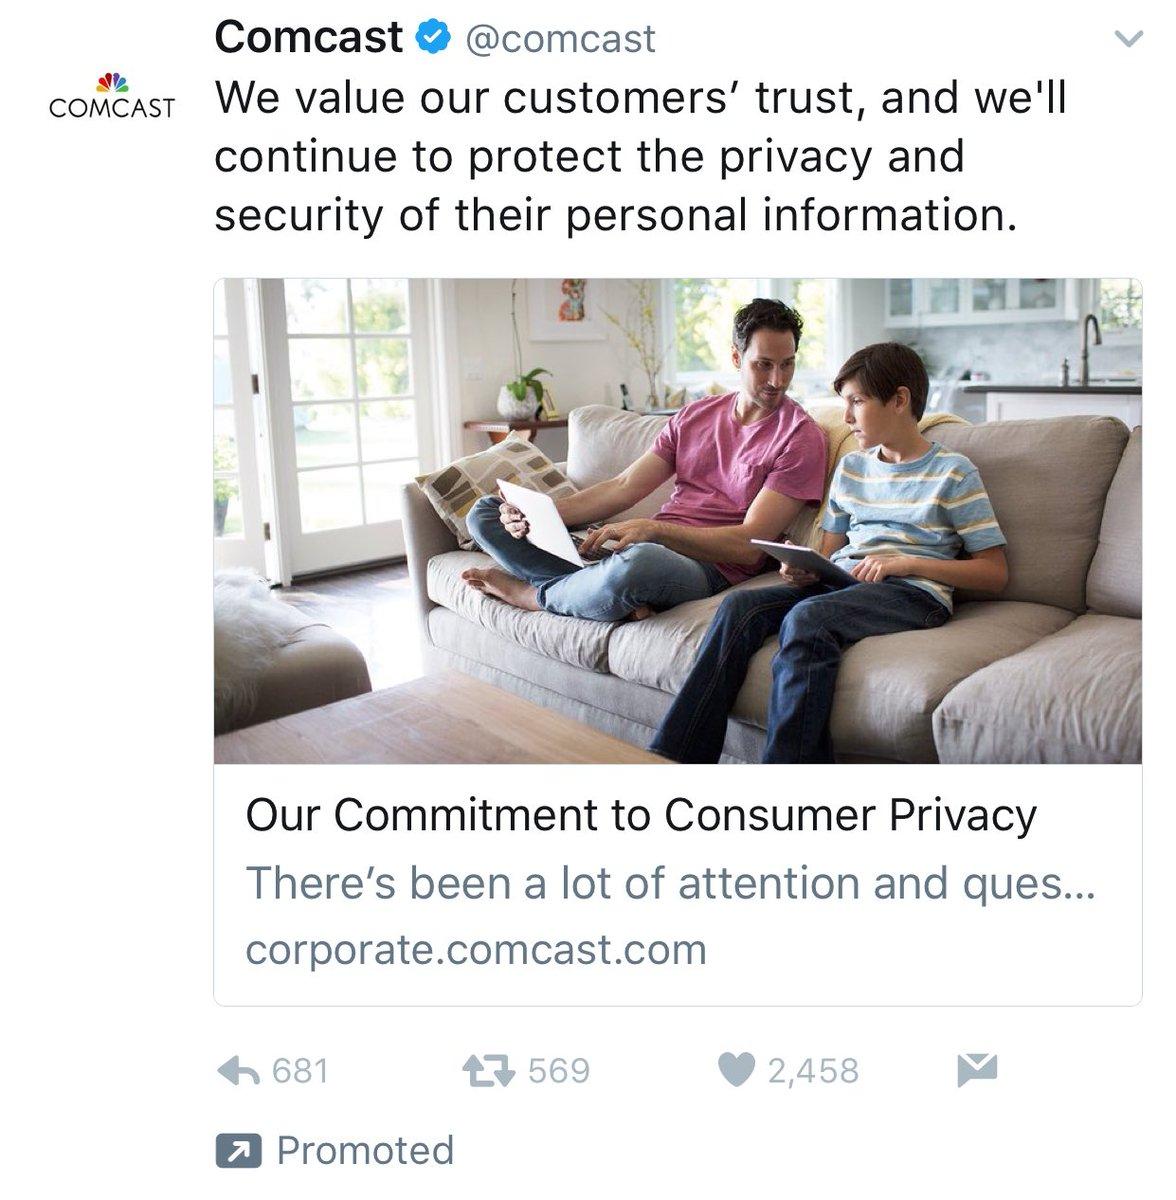 Comcast killing it with their April Fools' joke https://t.co/UqnQ441iDU